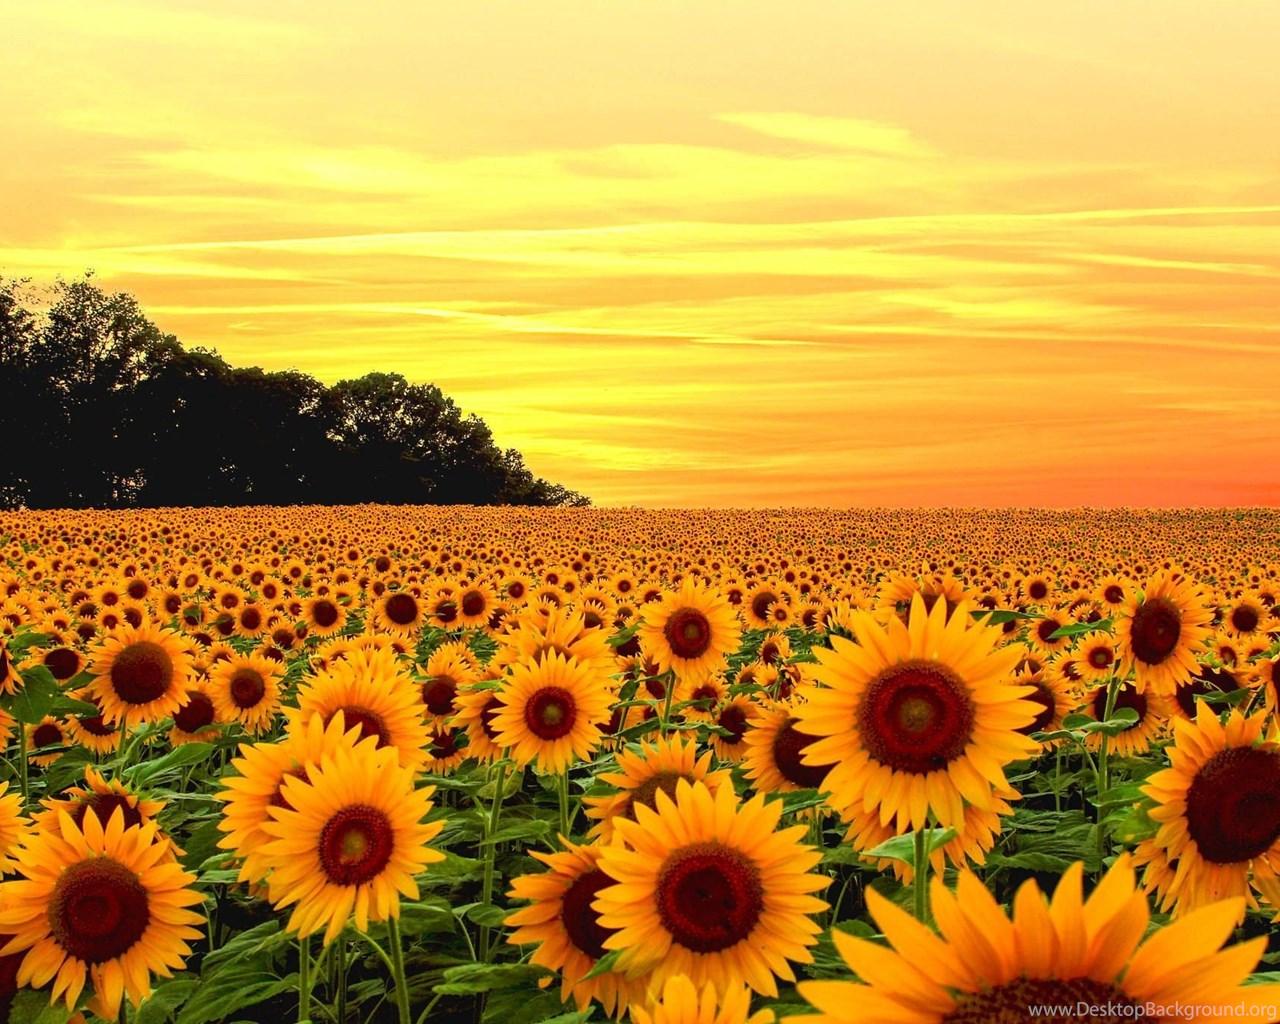 Sunflower Field Wallpapers Full HD ...